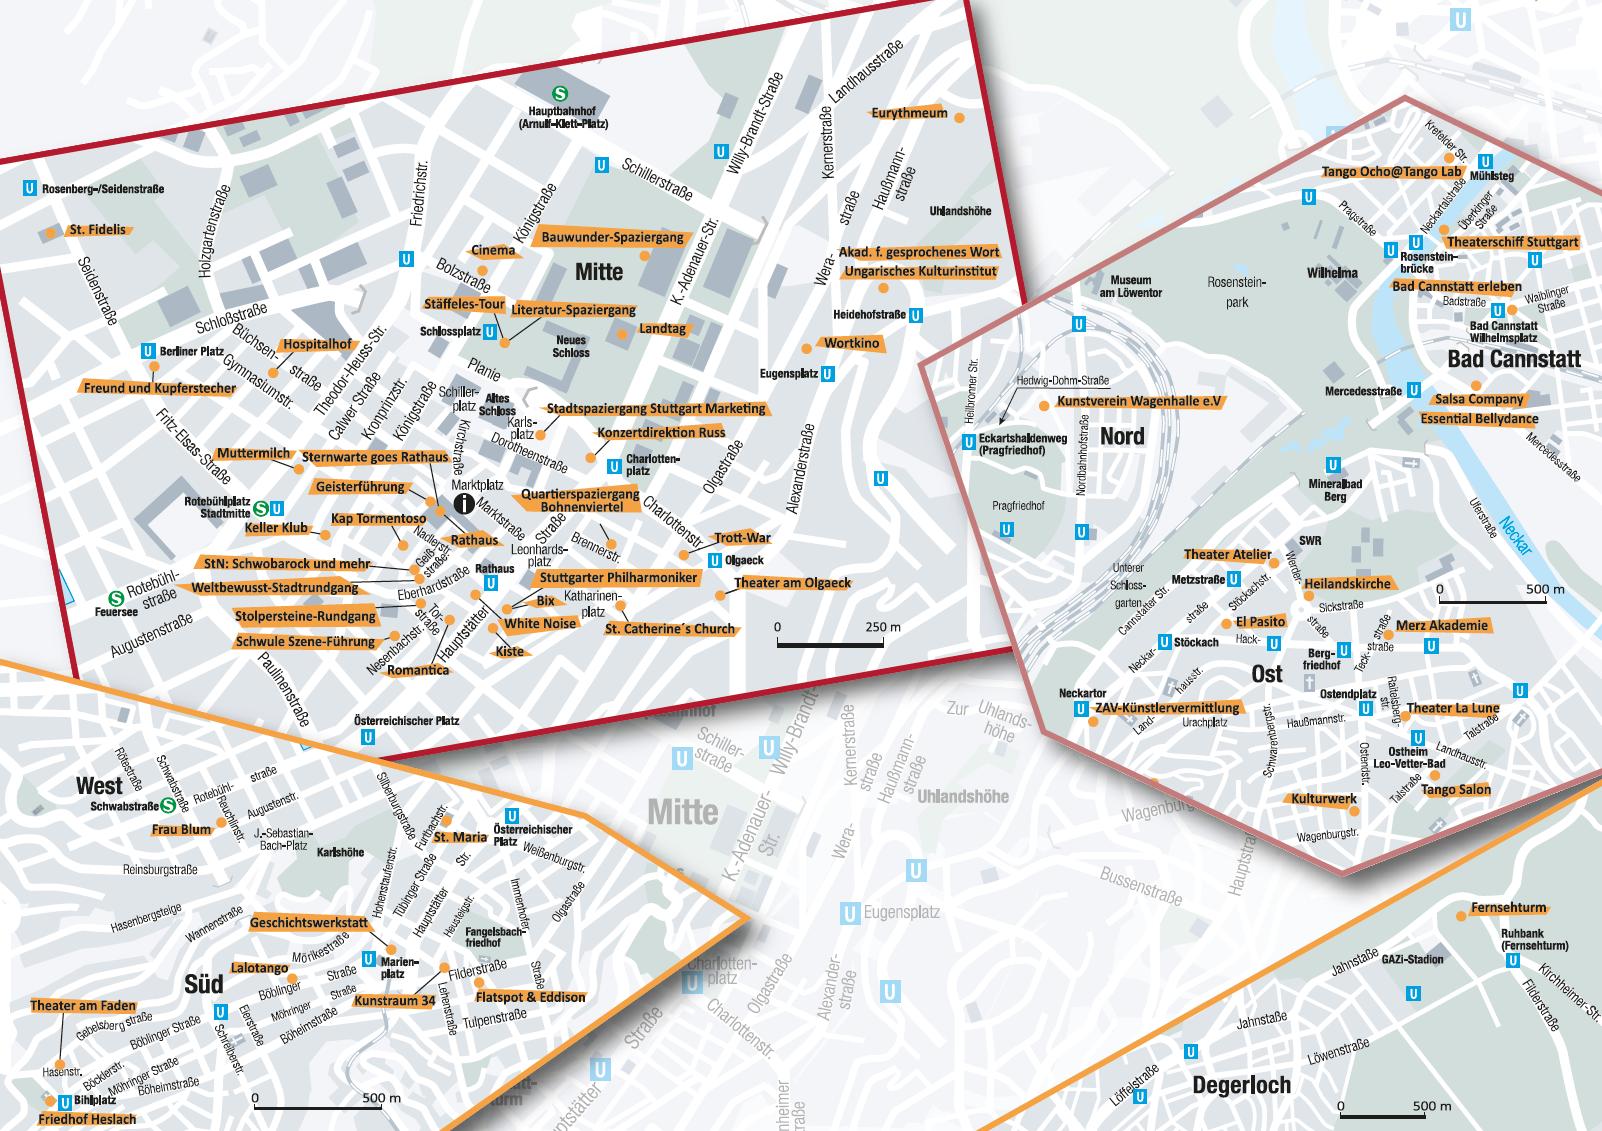 stuttgartnacht-Stadtplan - Stuttgartnacht 2018